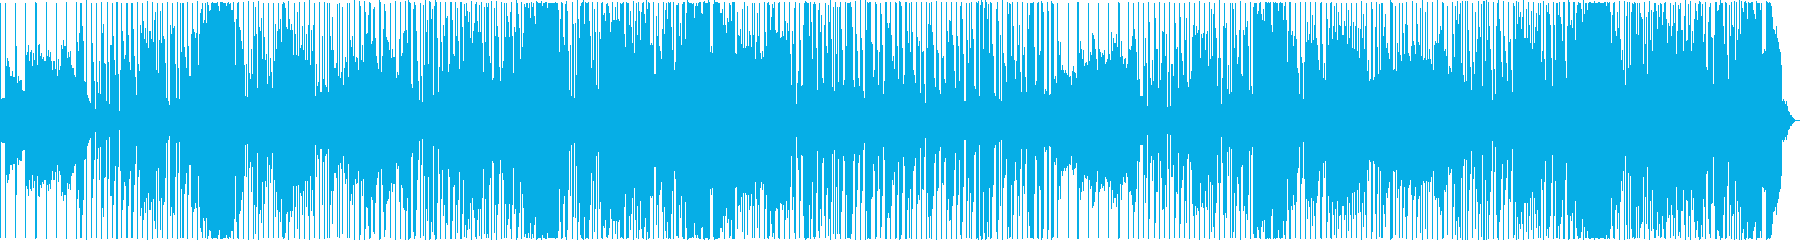 サラサラ ジャズ ラウンジ まった...の再生済みの波形